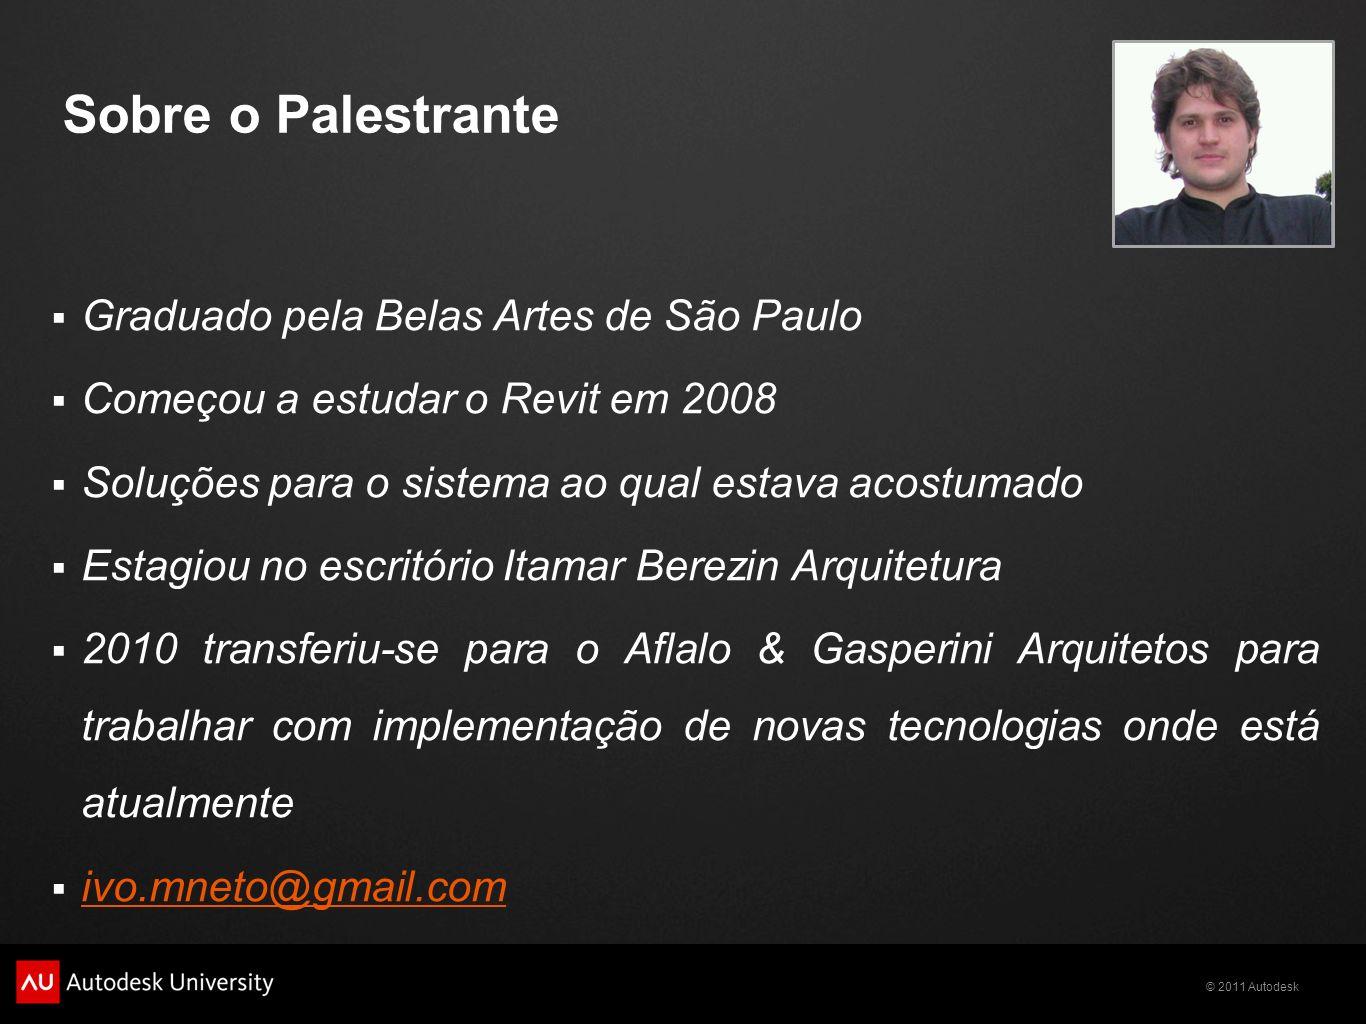 Sobre o Palestrante Graduado pela Belas Artes de São Paulo